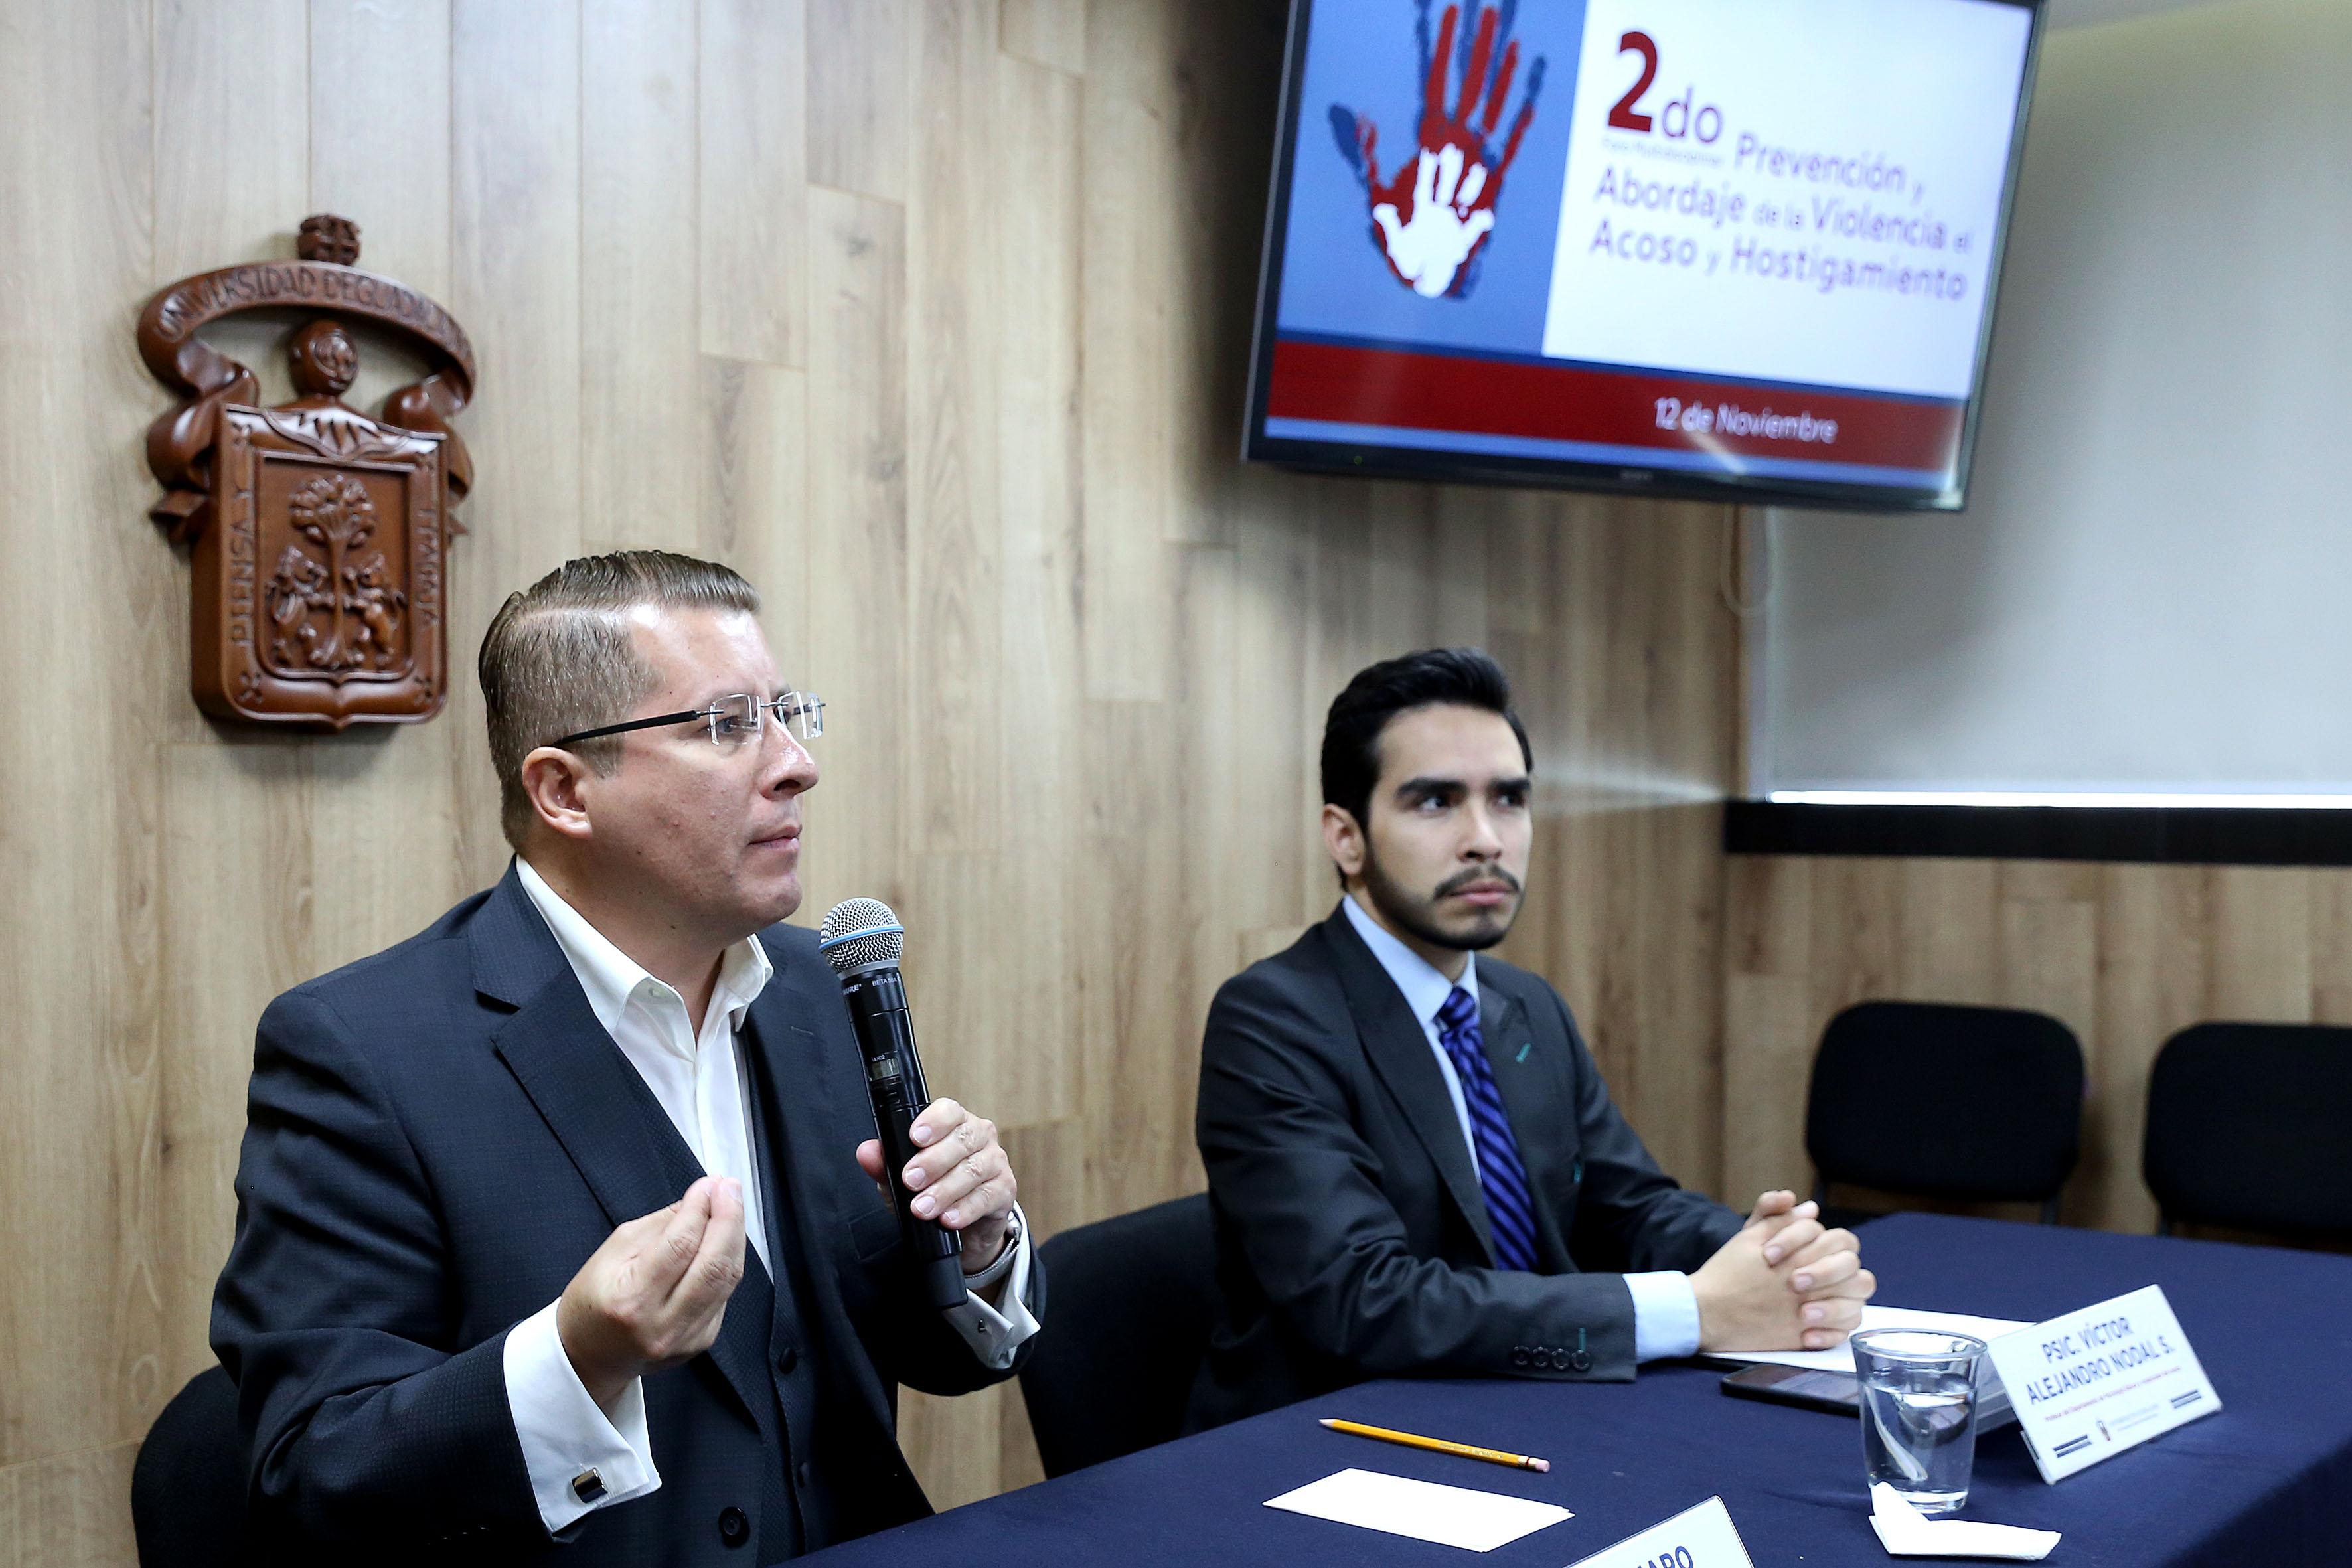 Dr. Dante Haro al micrófono en Rueda de Prensa, a su lado académico del CUCS